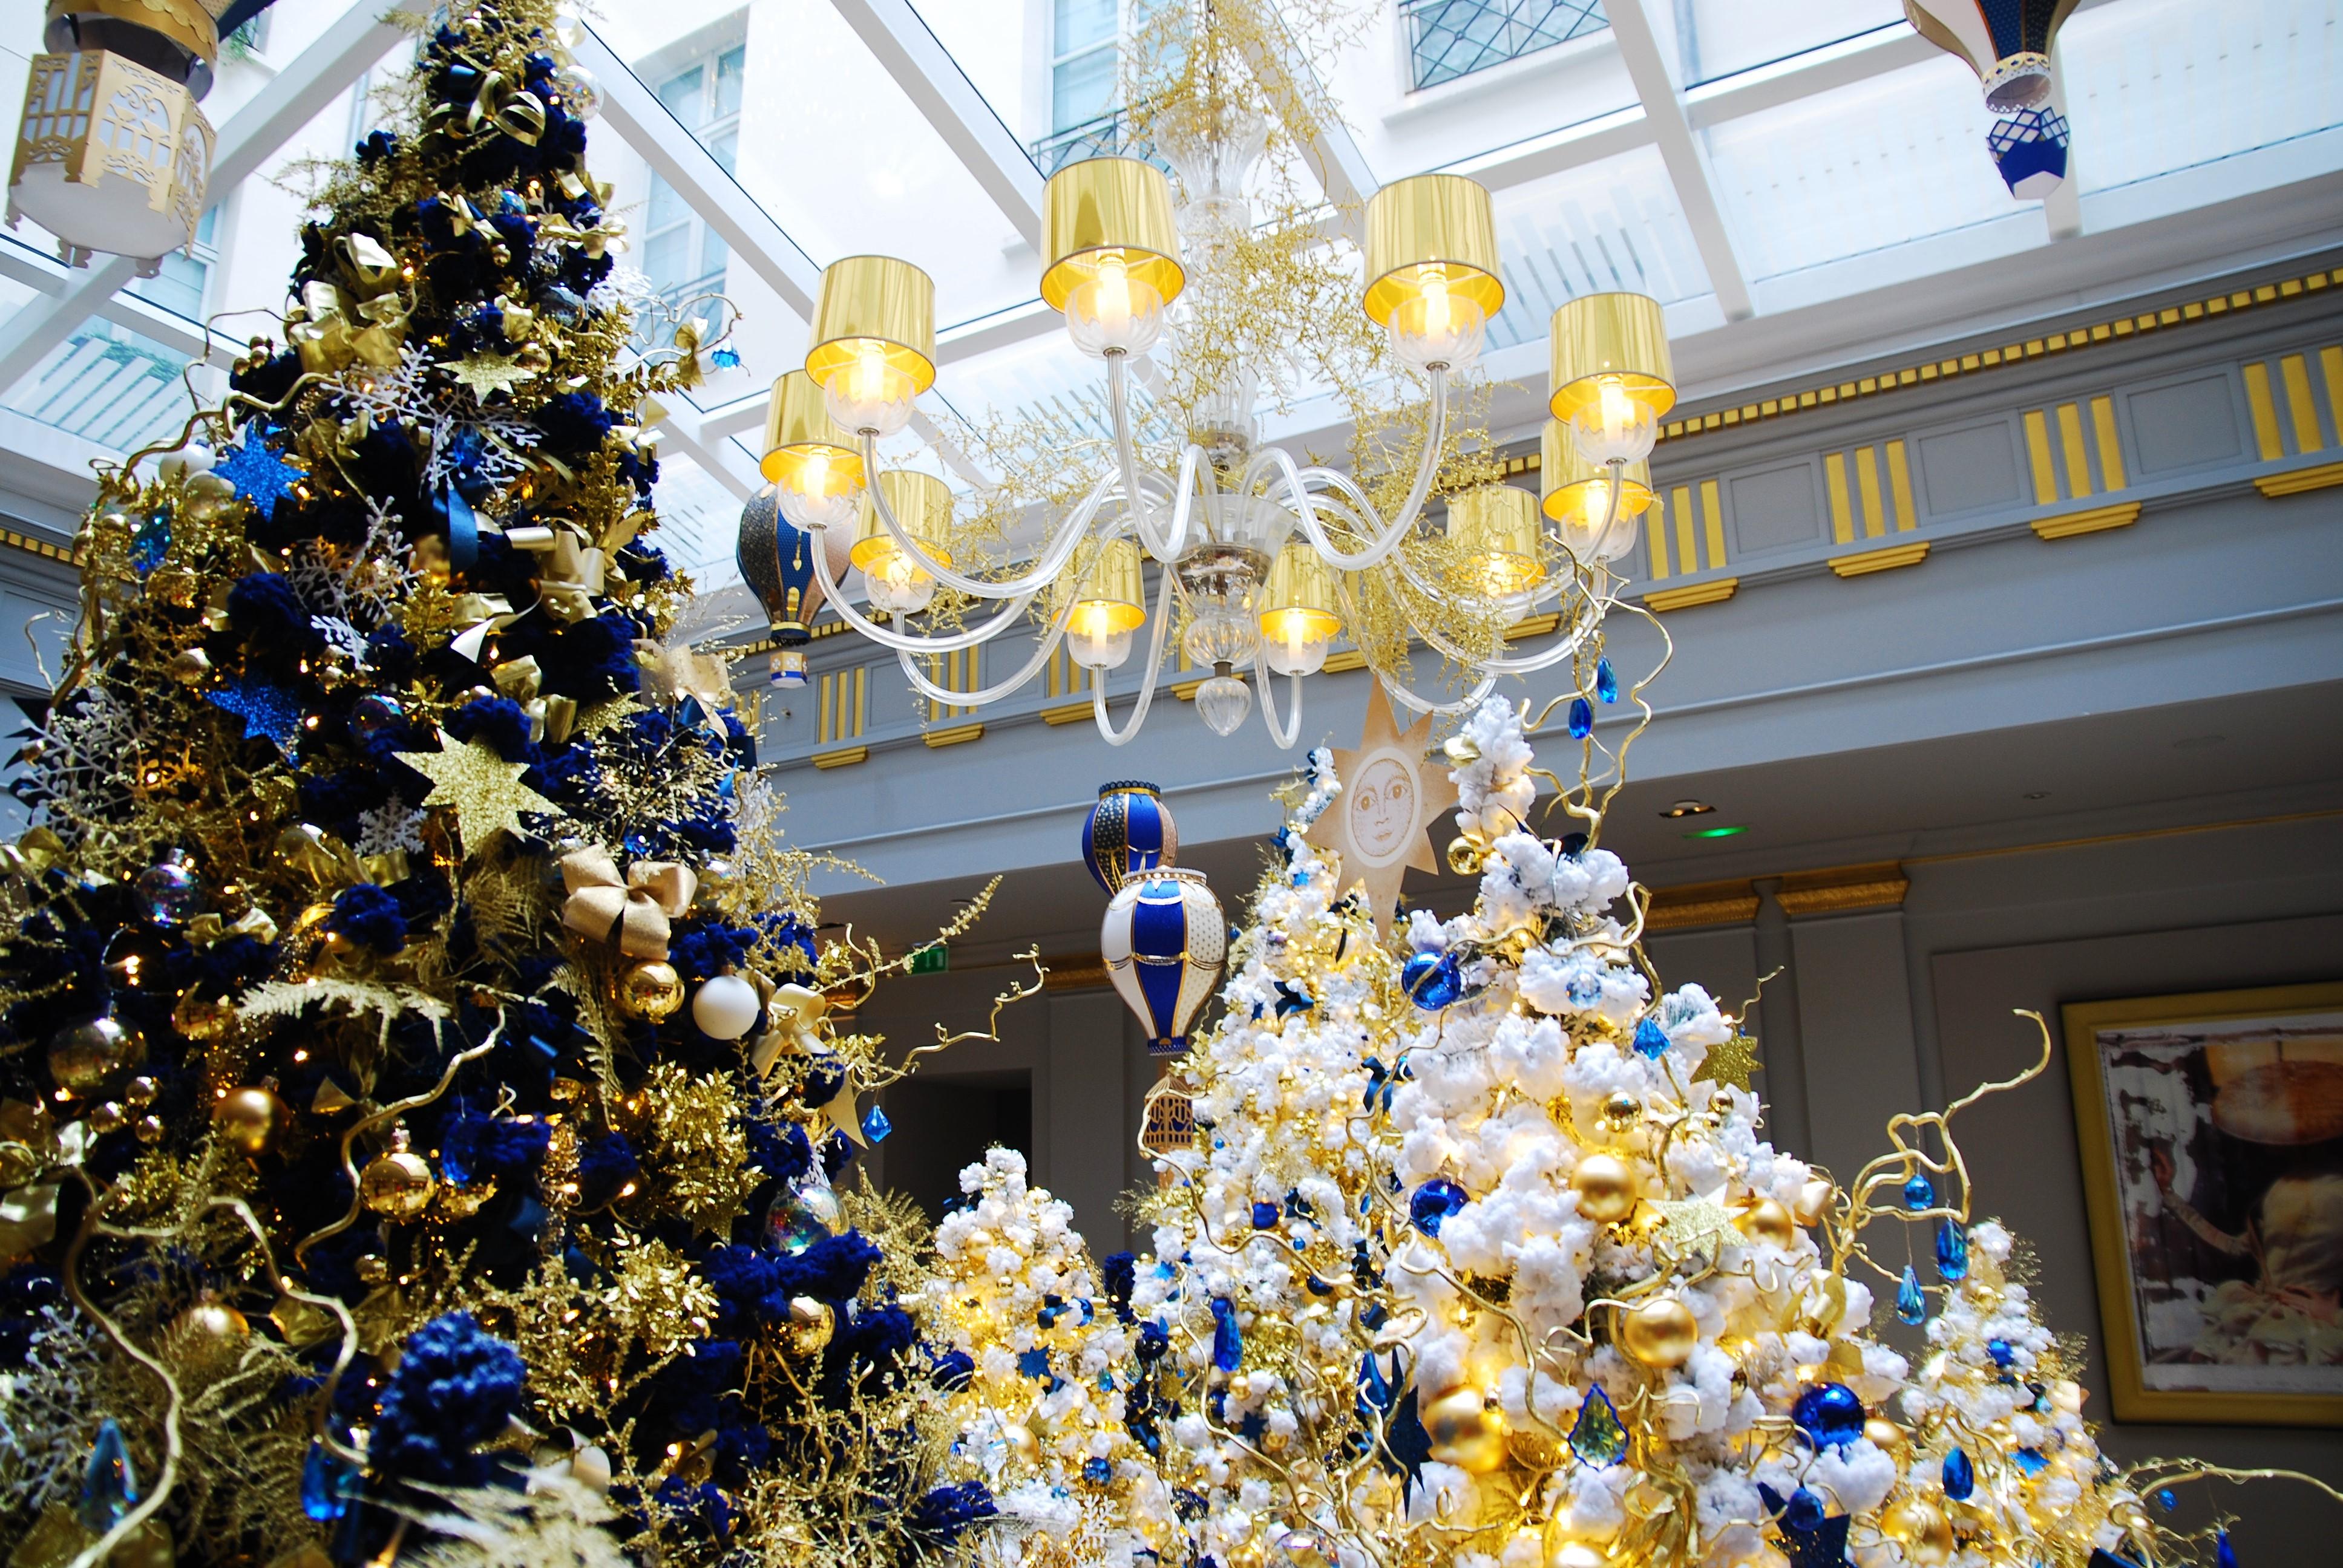 scenographie-lobby-installation-aerienne-montgolfiere-paper-art-creation-pour-hotel-sofitel-paris-le-faubourg-noel-2018-Laure-Devenelle